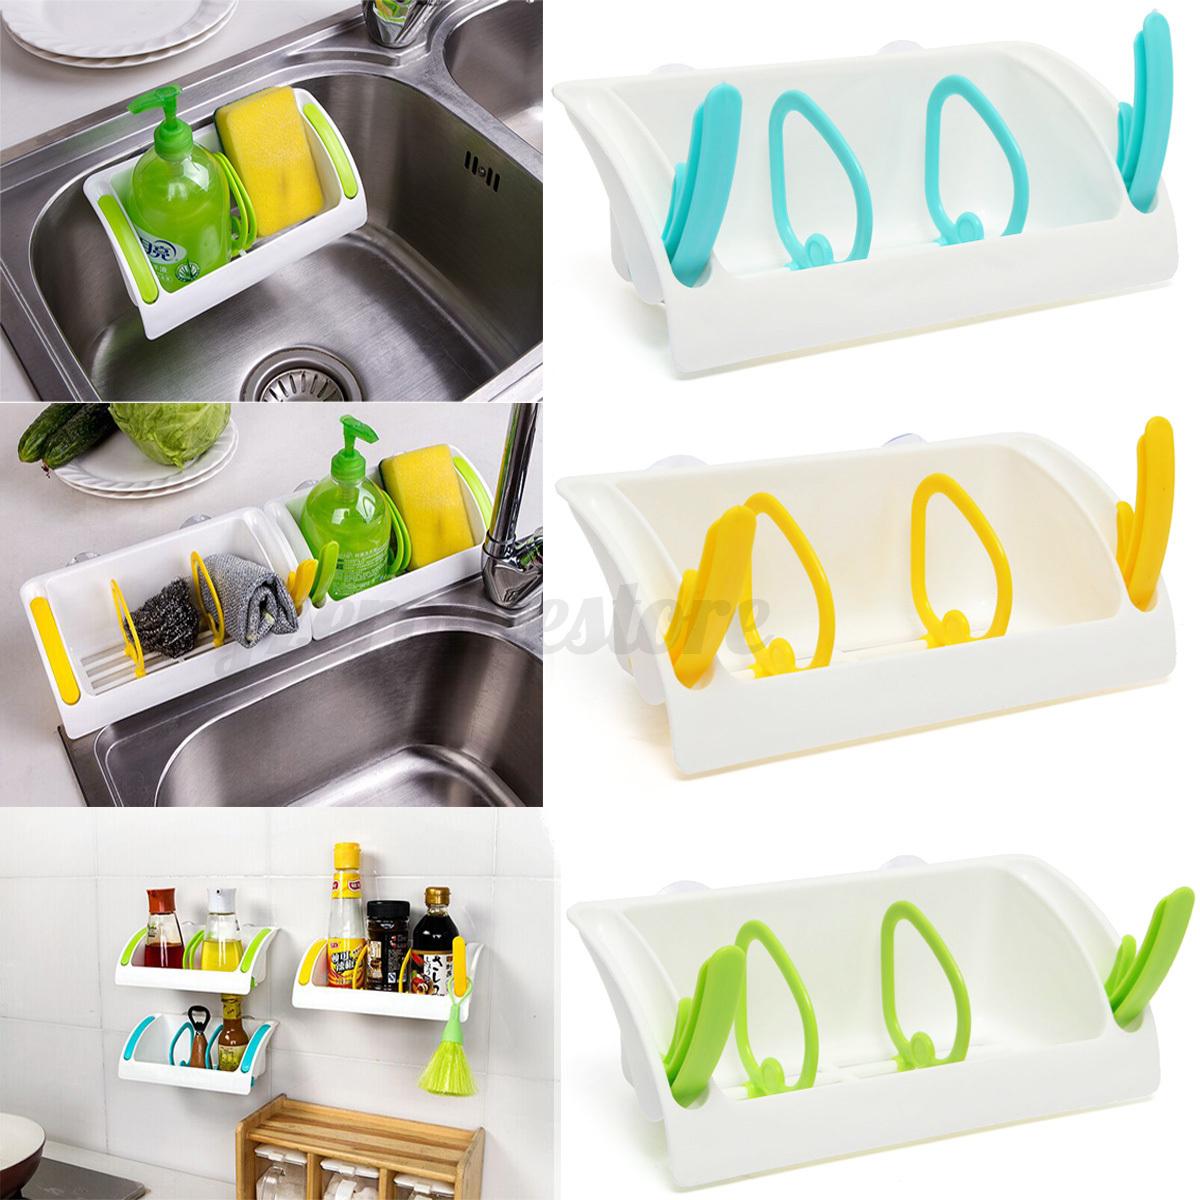 Image Is Loading Sink Sponge Tub Suction Rack Cup Holder Storage